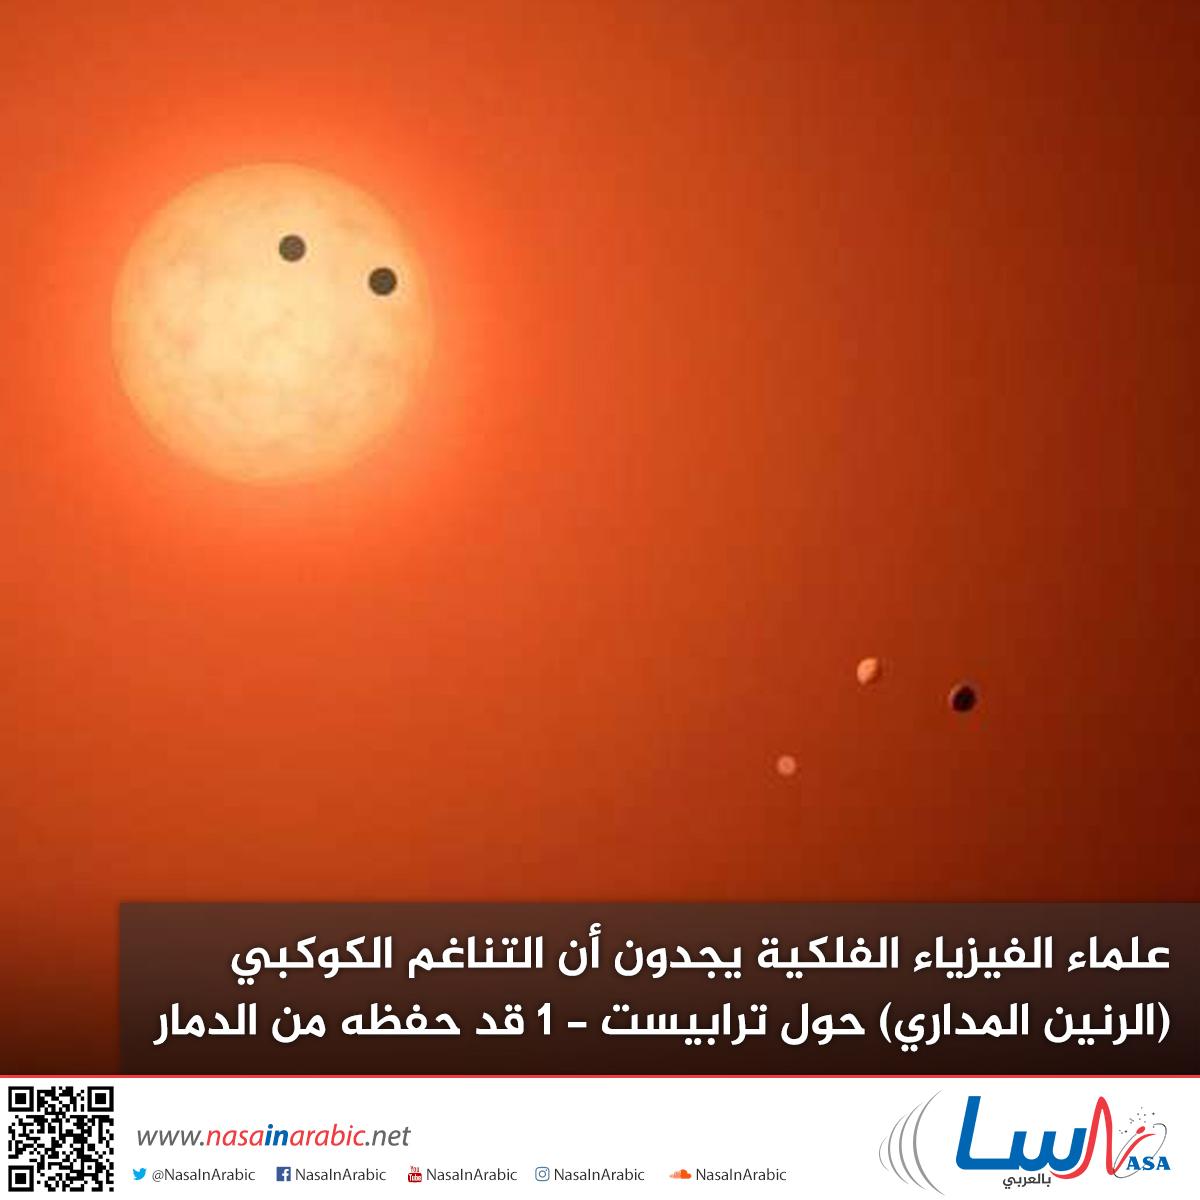 علماء الفيزياء الفلكية يجدون أن التناغم الكوكبي (الرنين المداري) حول ترابيست -1 قد حفظه من الدمار